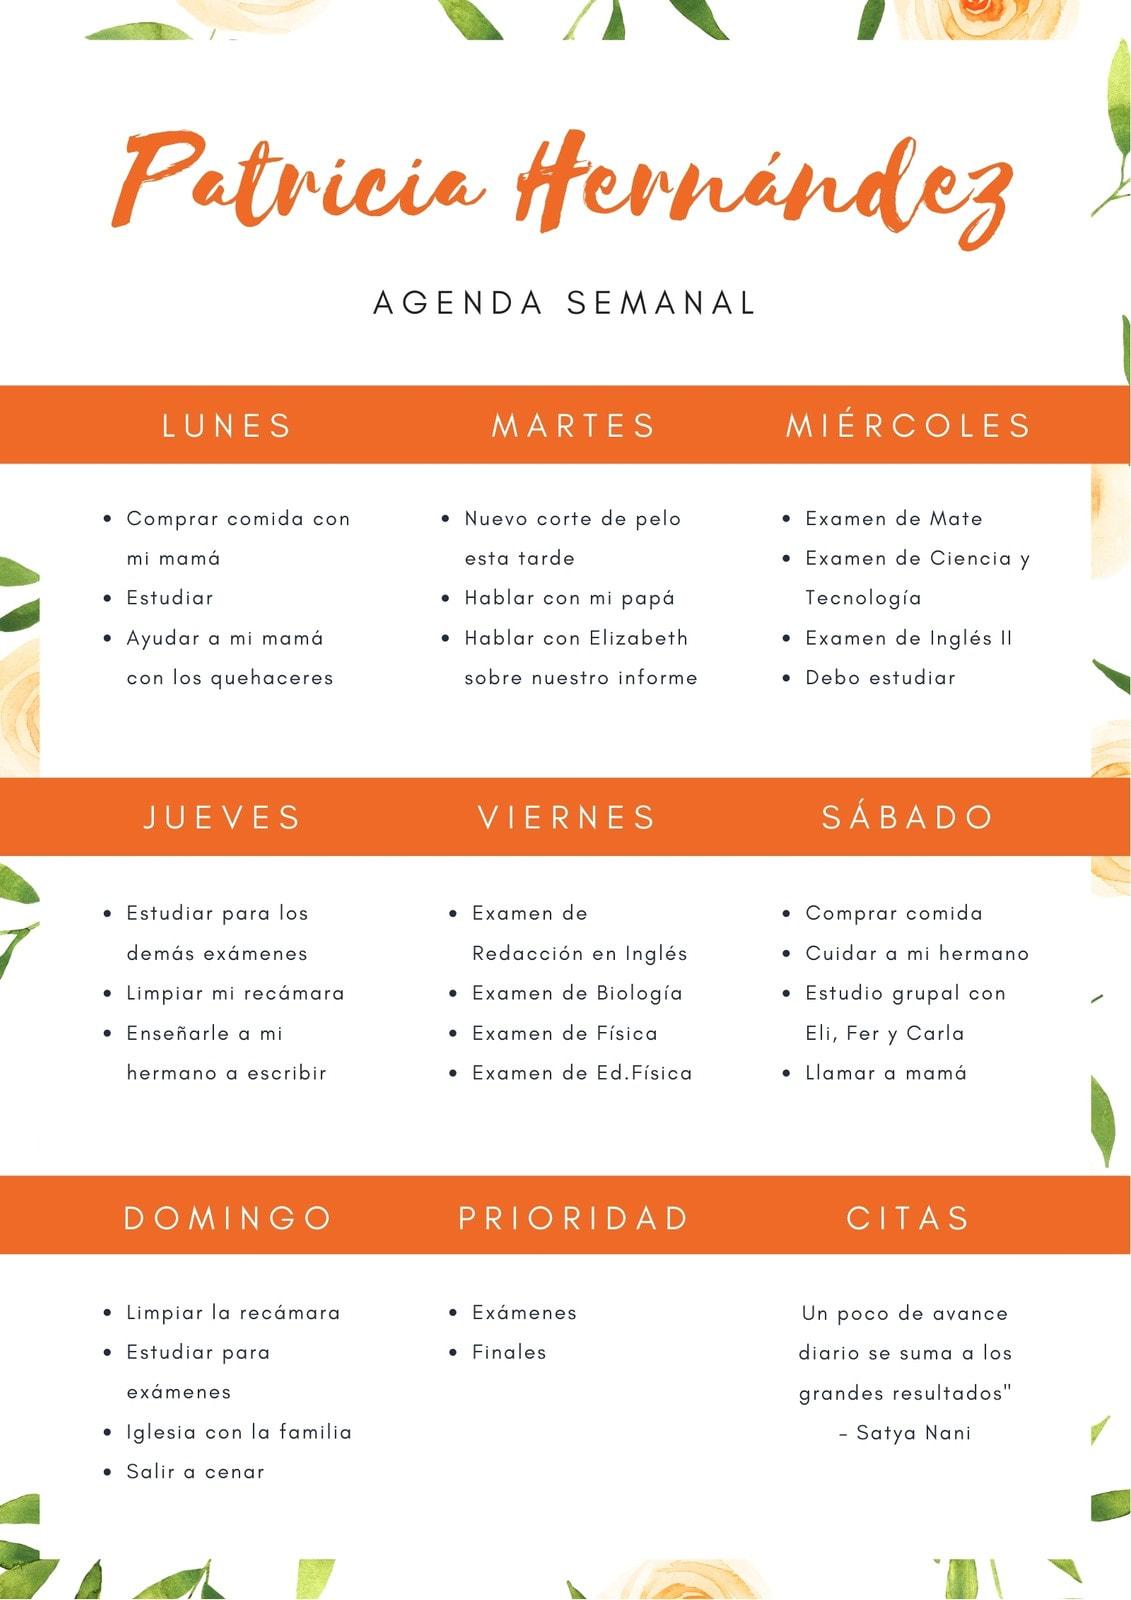 Naranja Floral Patrón General Horario Semanal